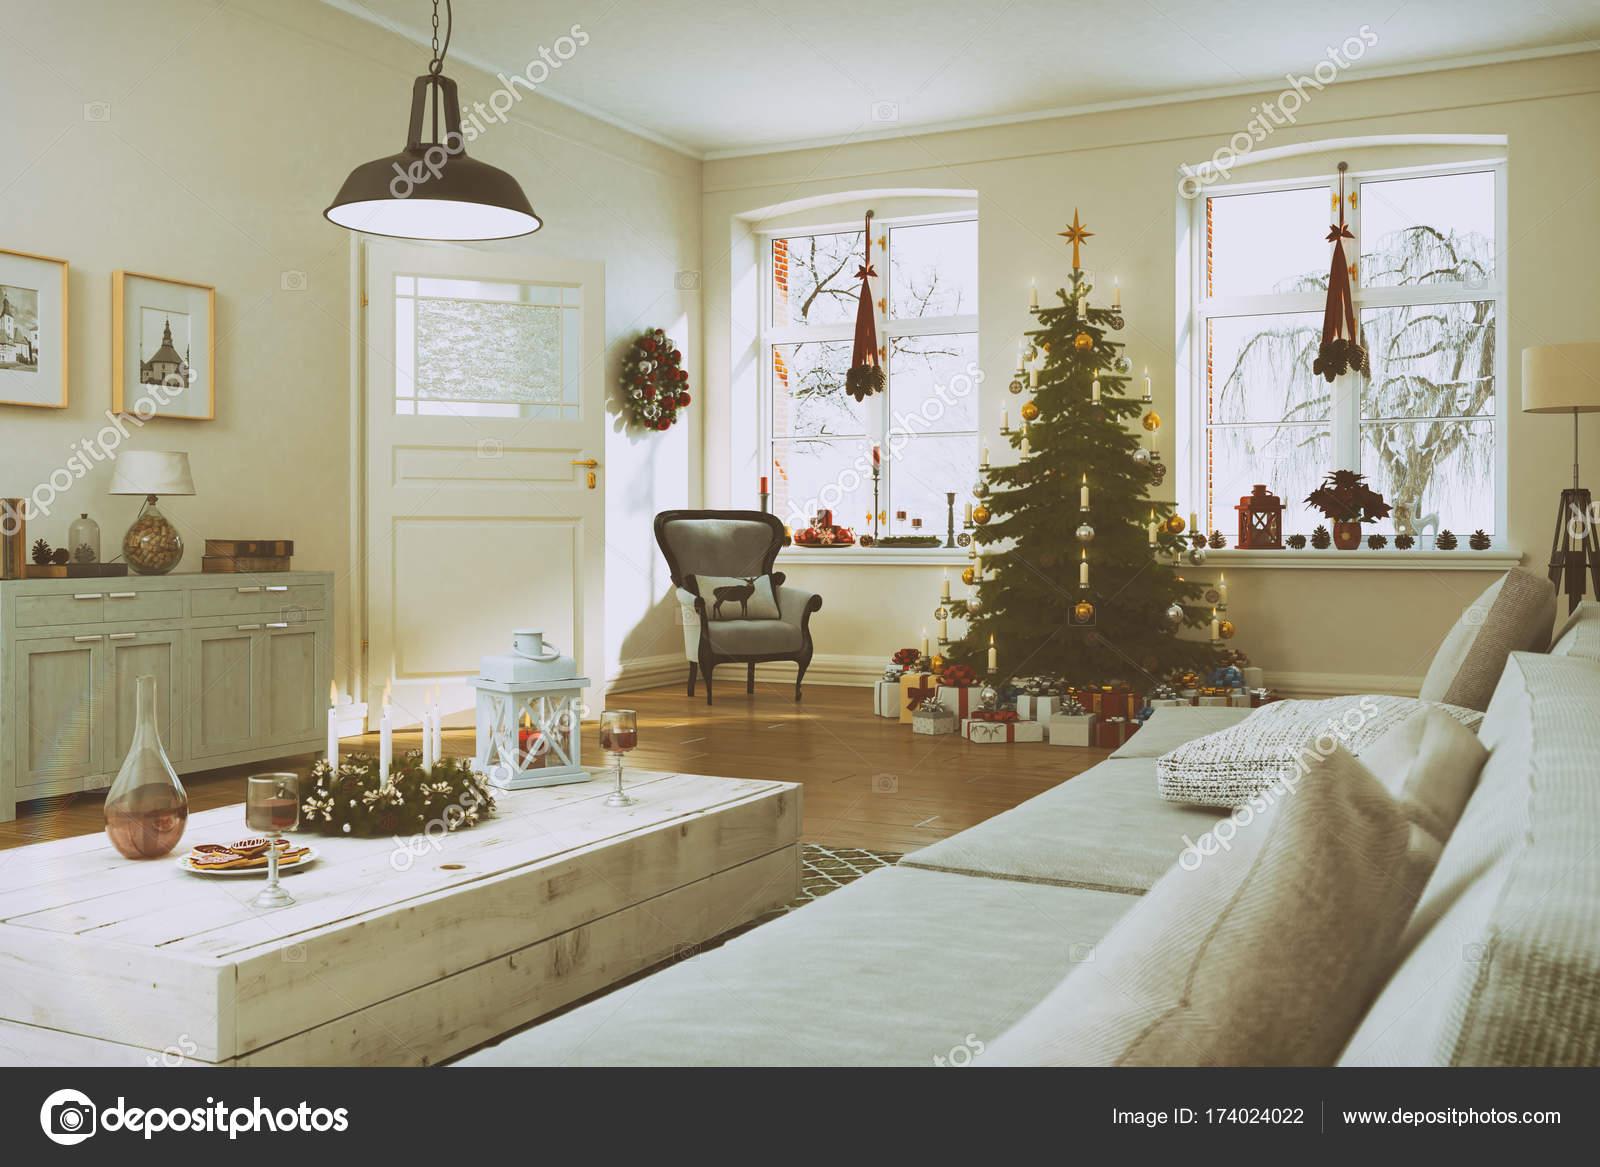 Scandinavische Vintage Woonkamer : 3d render van een scandinavische woonkamer met kerstboom retro